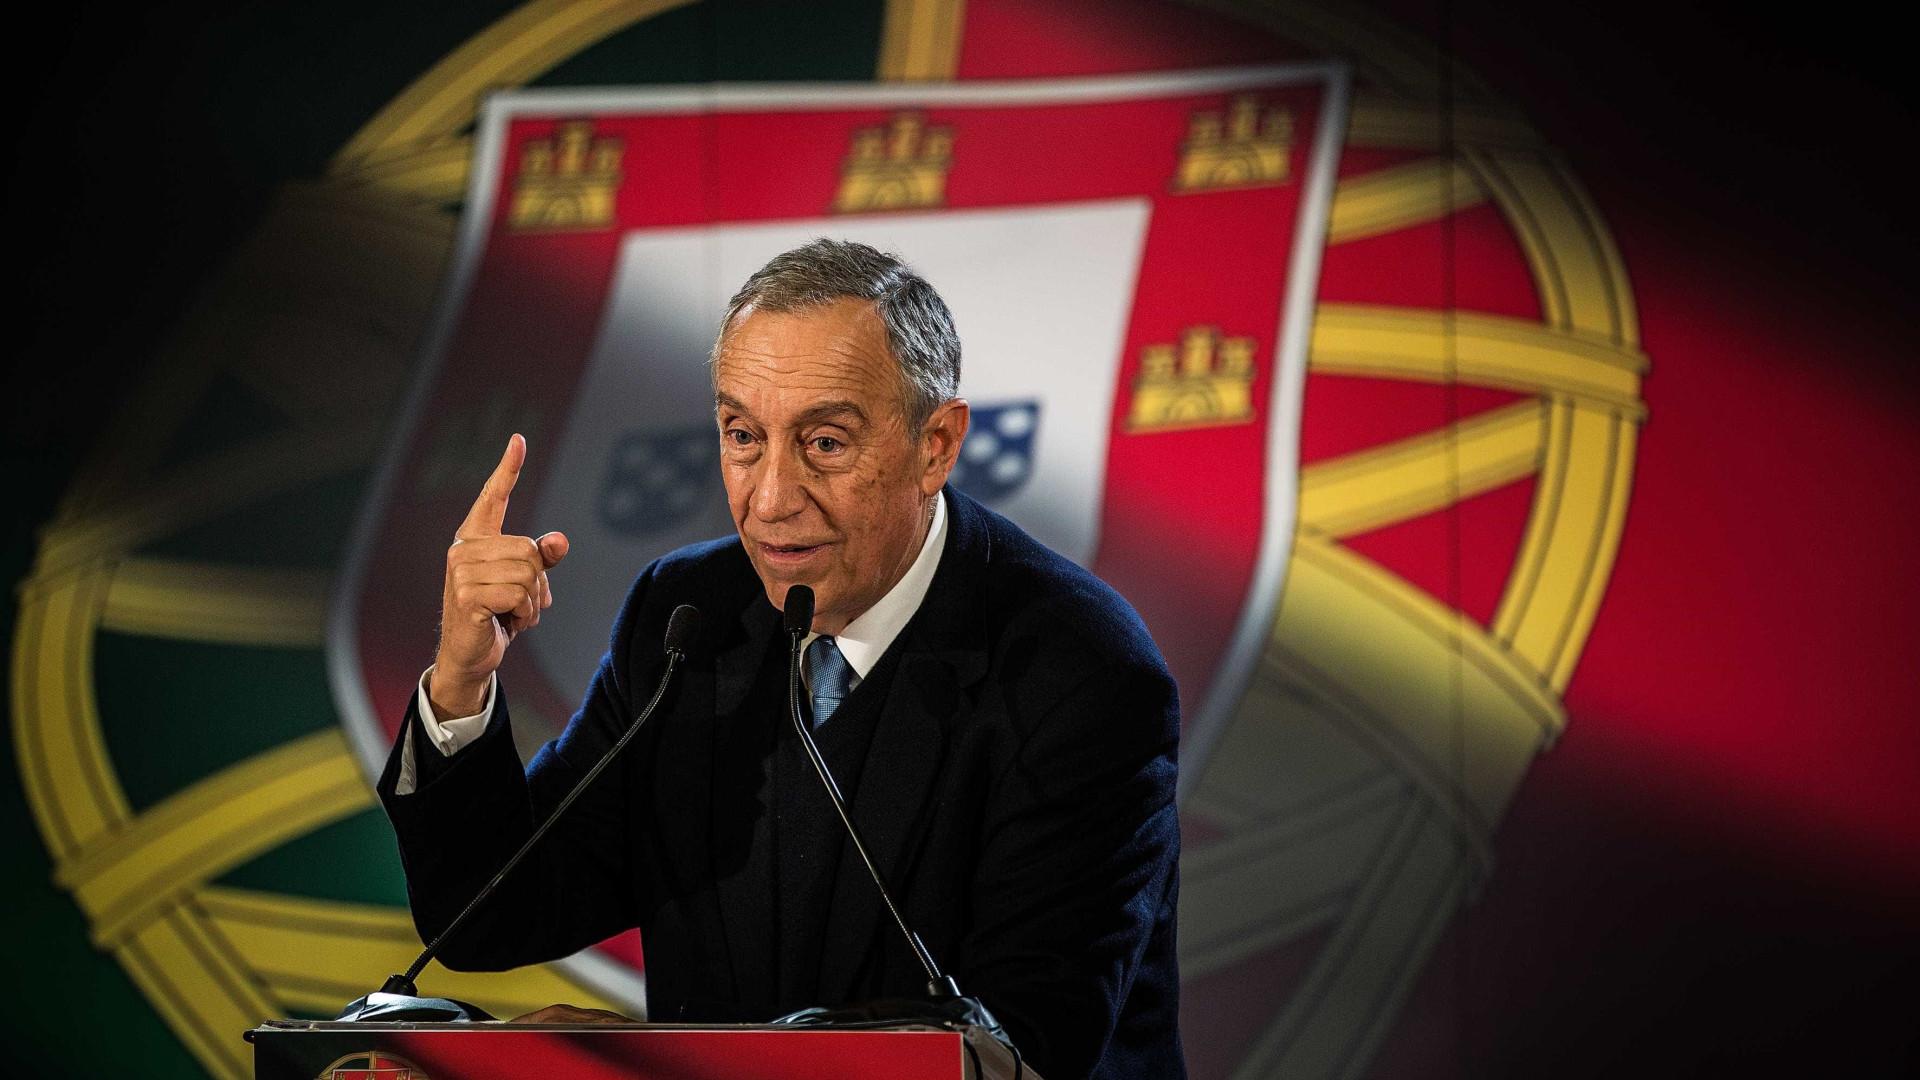 Marcelo elogia comunidade islâmica e tolerância religiosa em Portugal